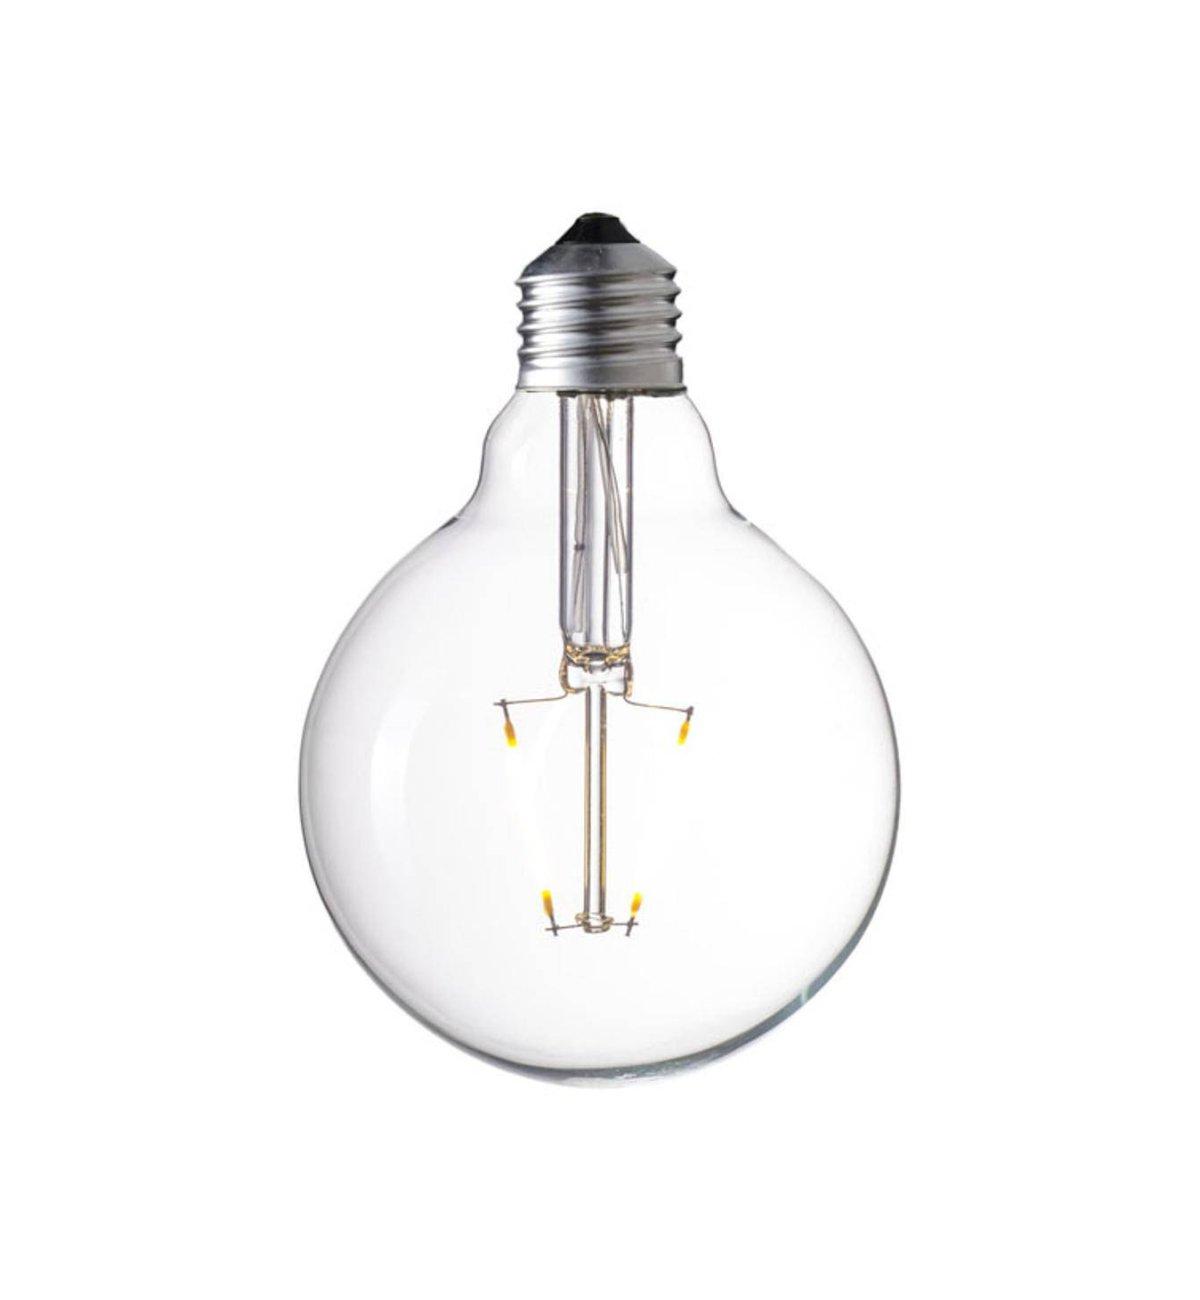 żarówka Dekoracyjna Led Globe 95 Edison 2w Sklep Internetowy Light Home